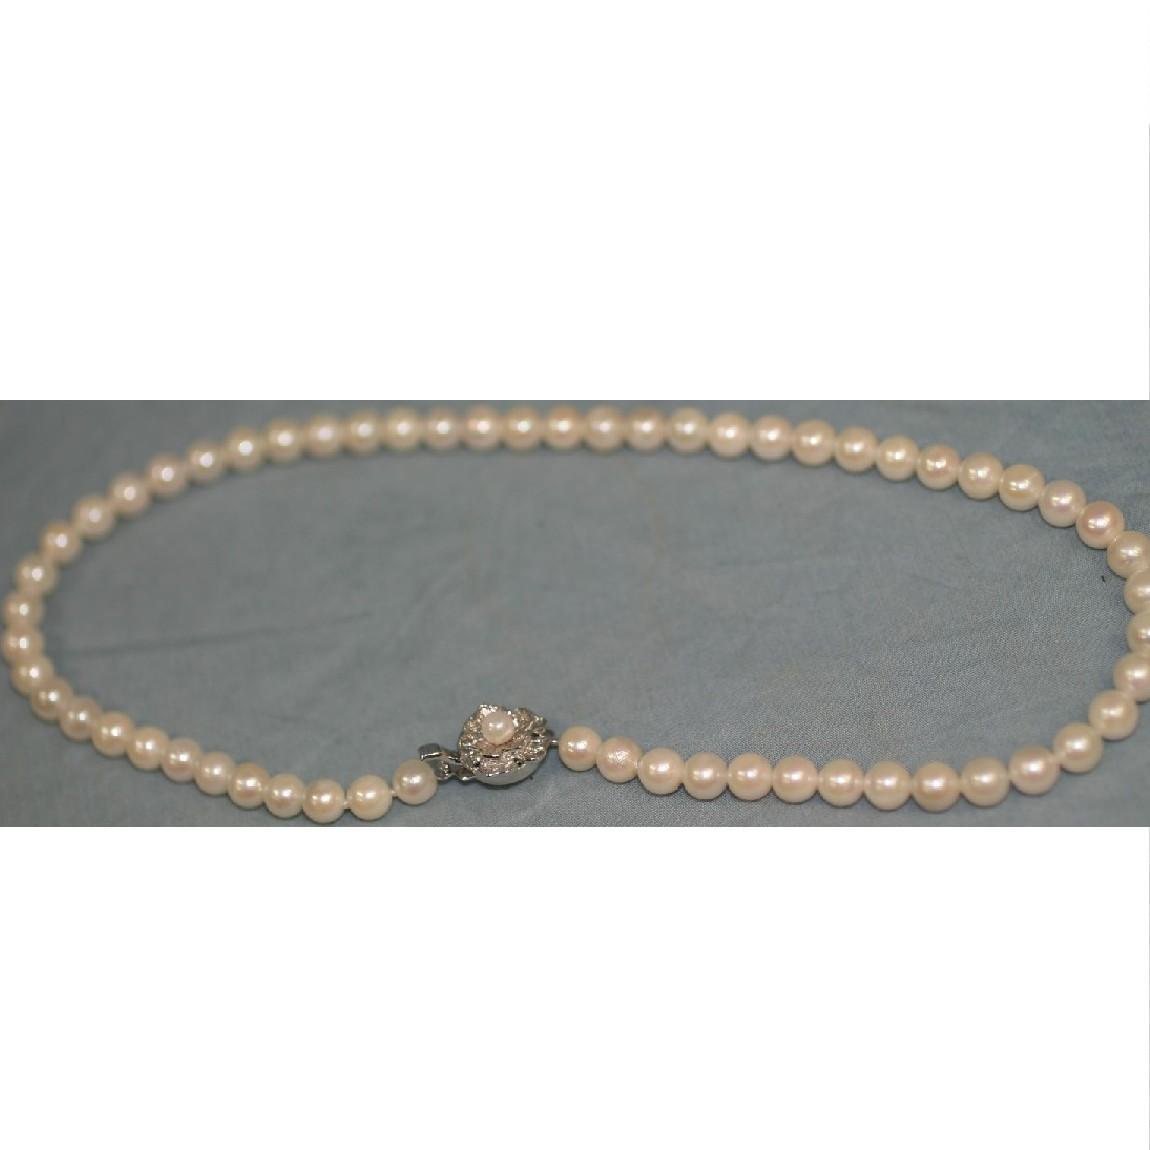 【中古】本物綺麗グレー系女性用真珠のネックレス直径0,65cm長さ41,5cm ○B8-66